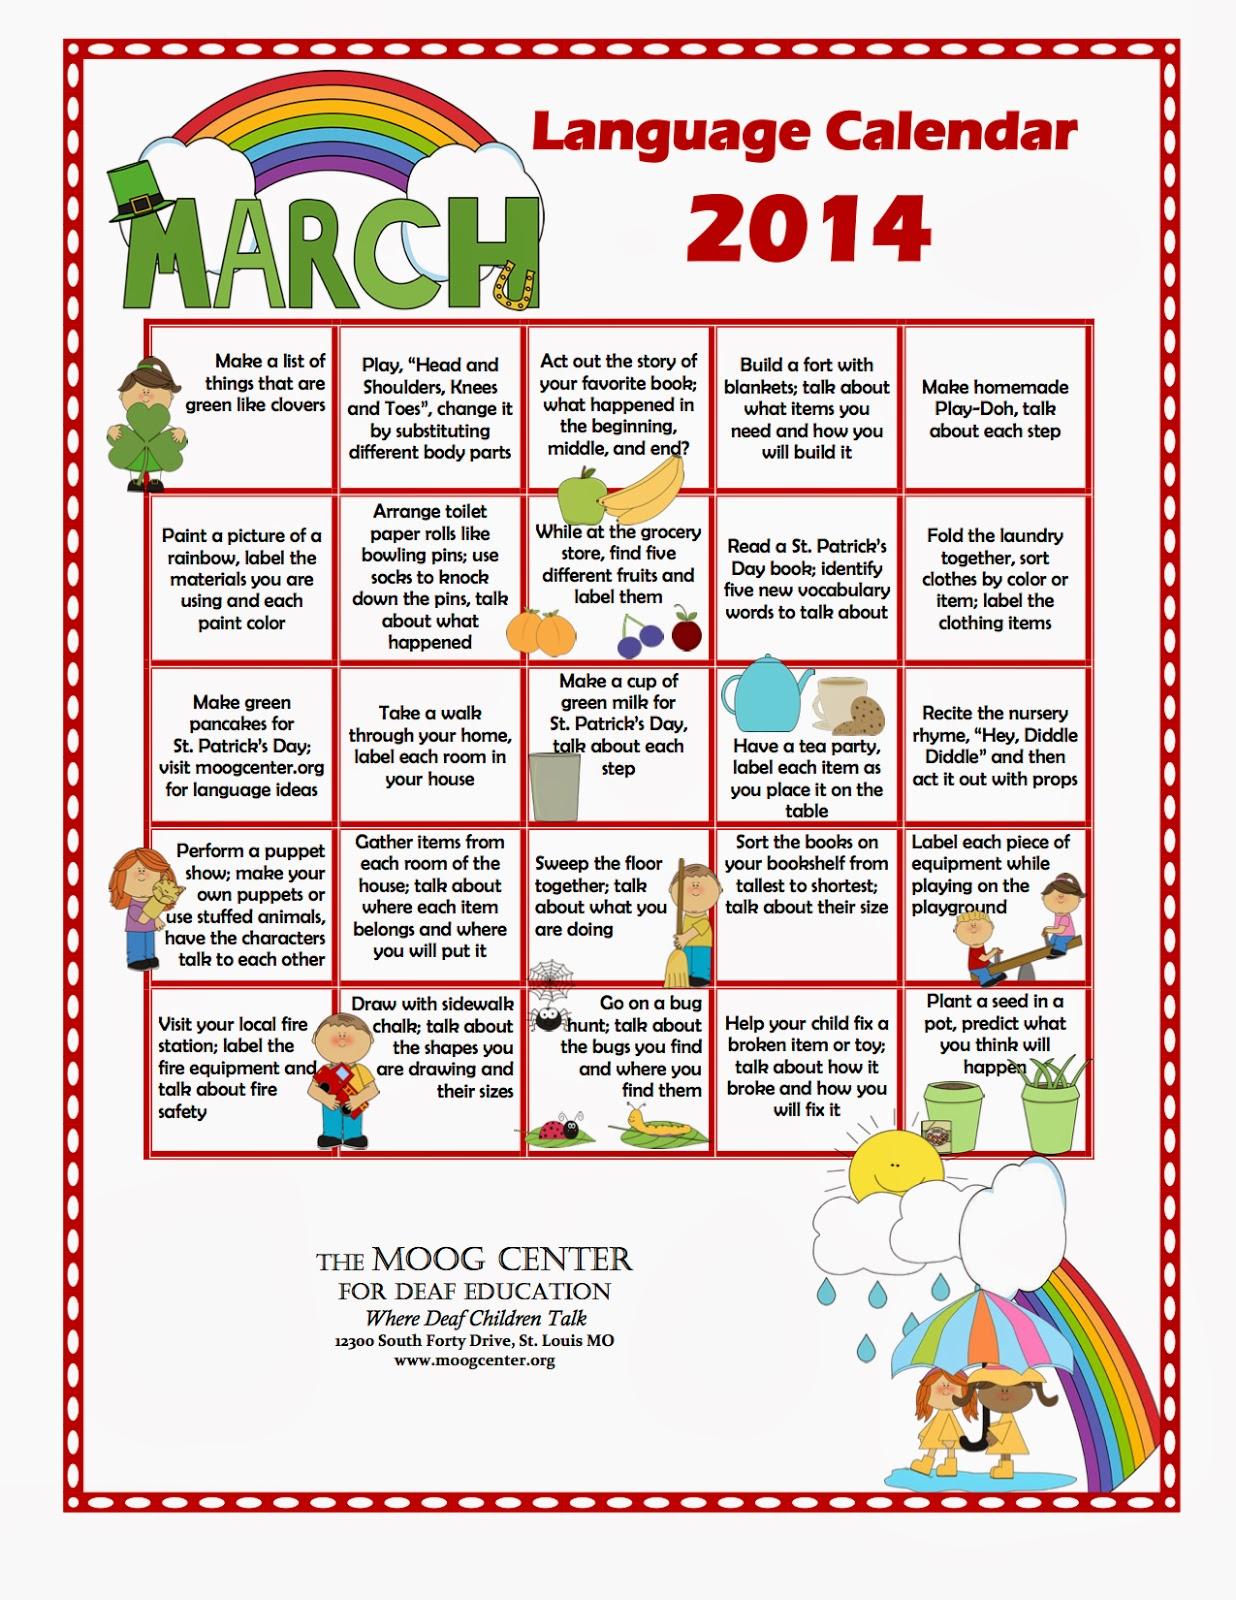 hearsaylw: march 2014